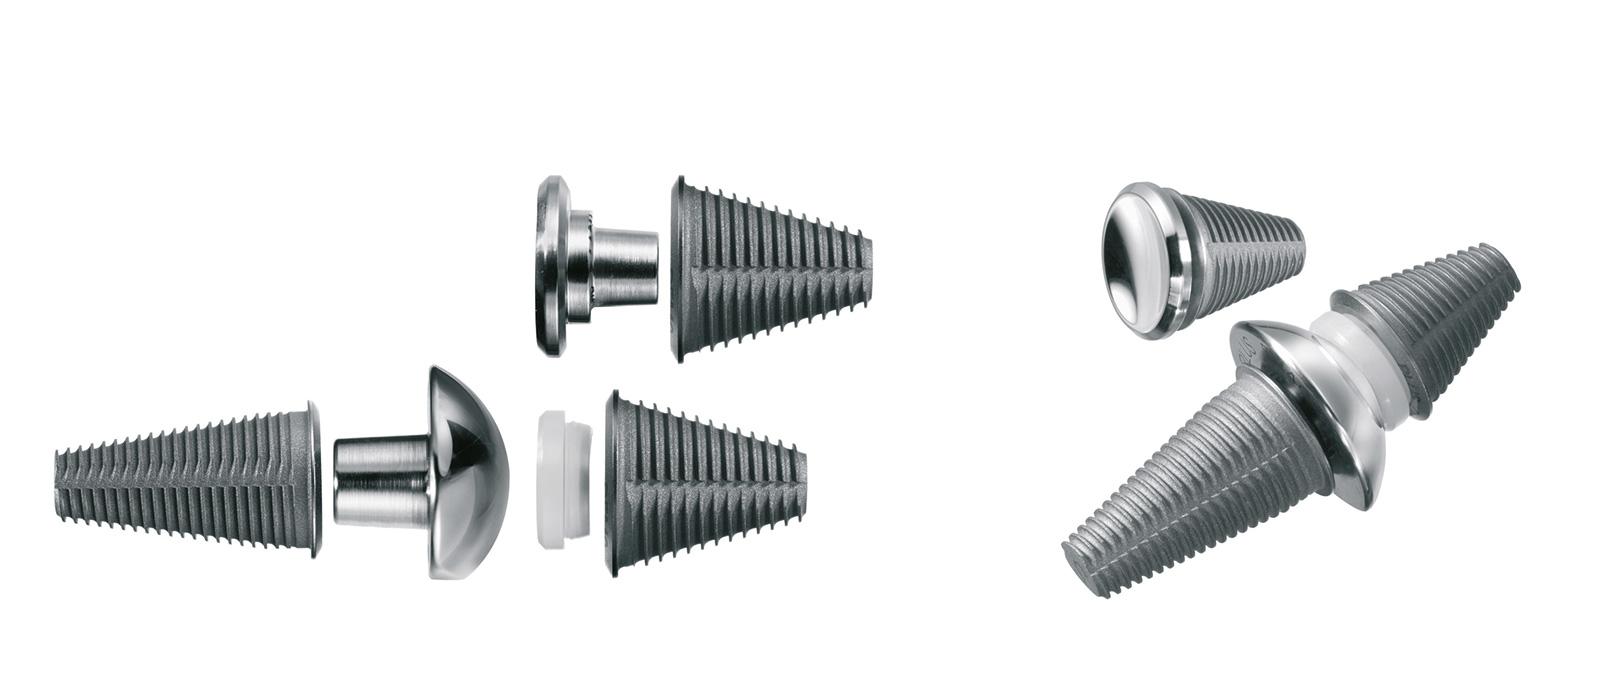 Abb. 6-14: Toefit Prothese: zementfreie Prothese für das Großzehengrundgelenk (Endoplus GmbH)